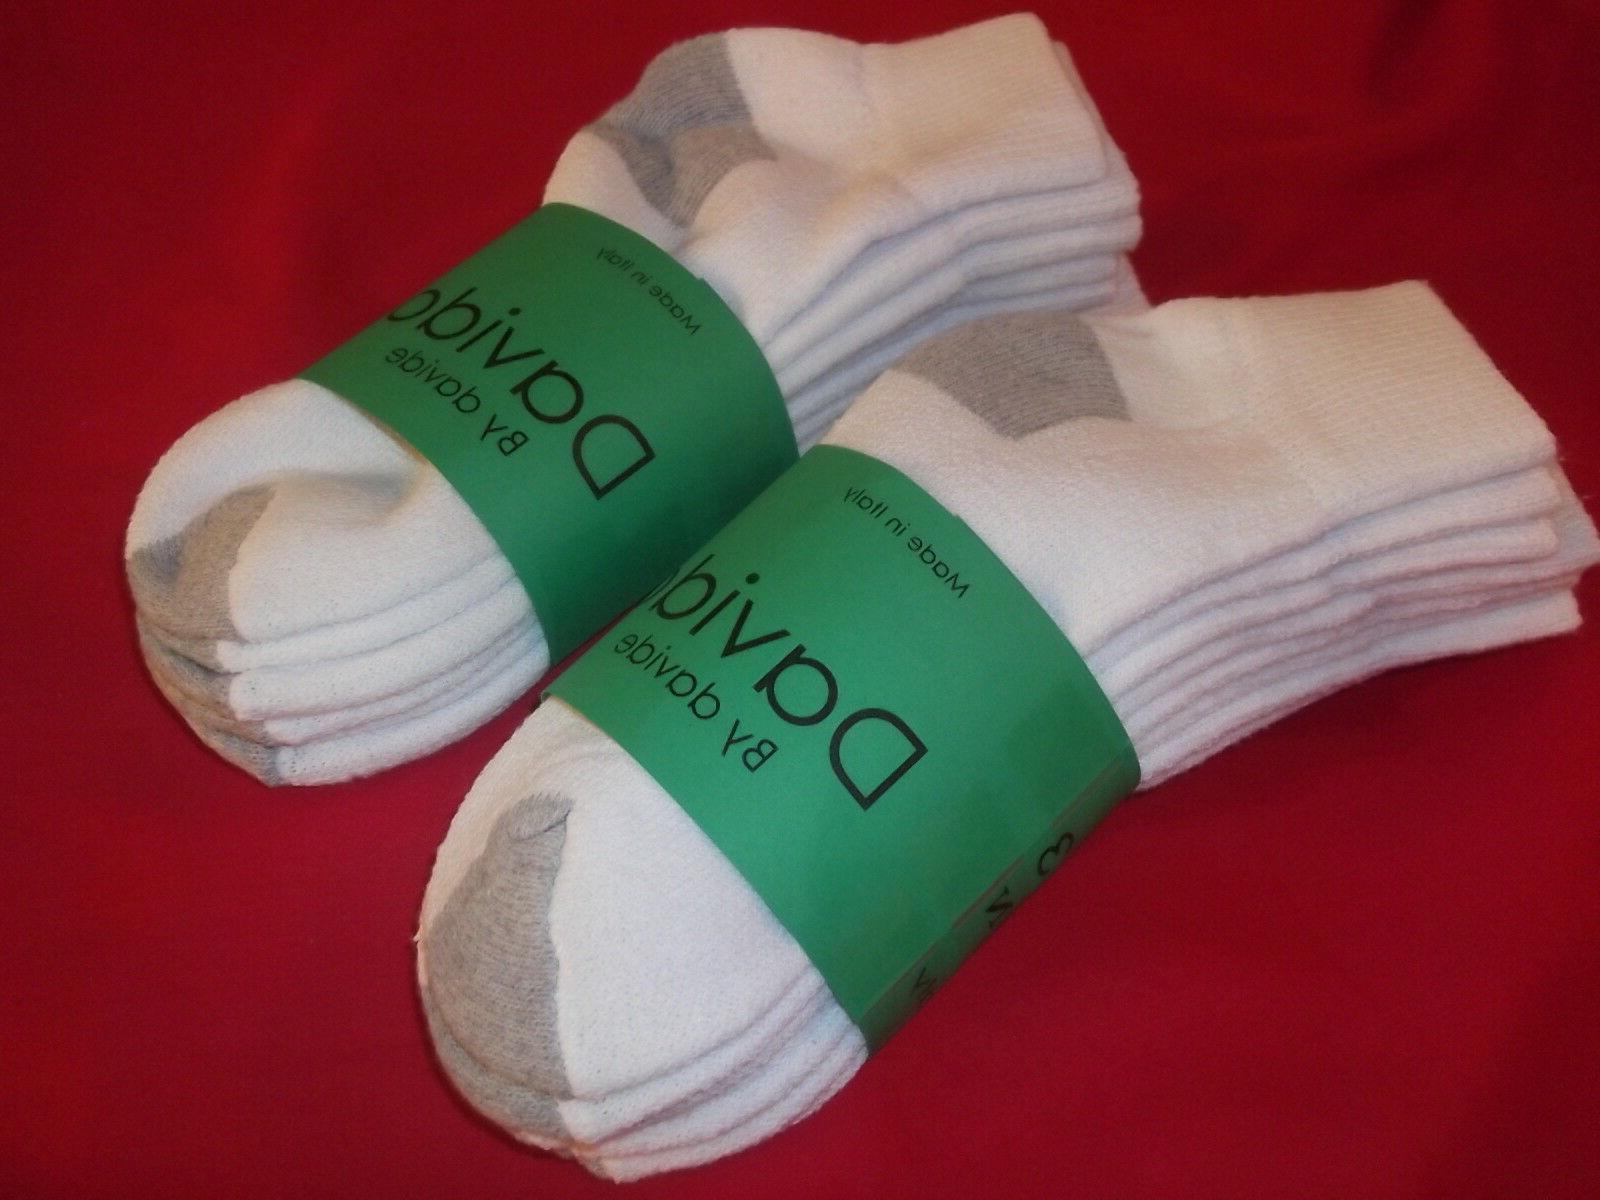 Davido socks ankle quarter in Italy white/gray